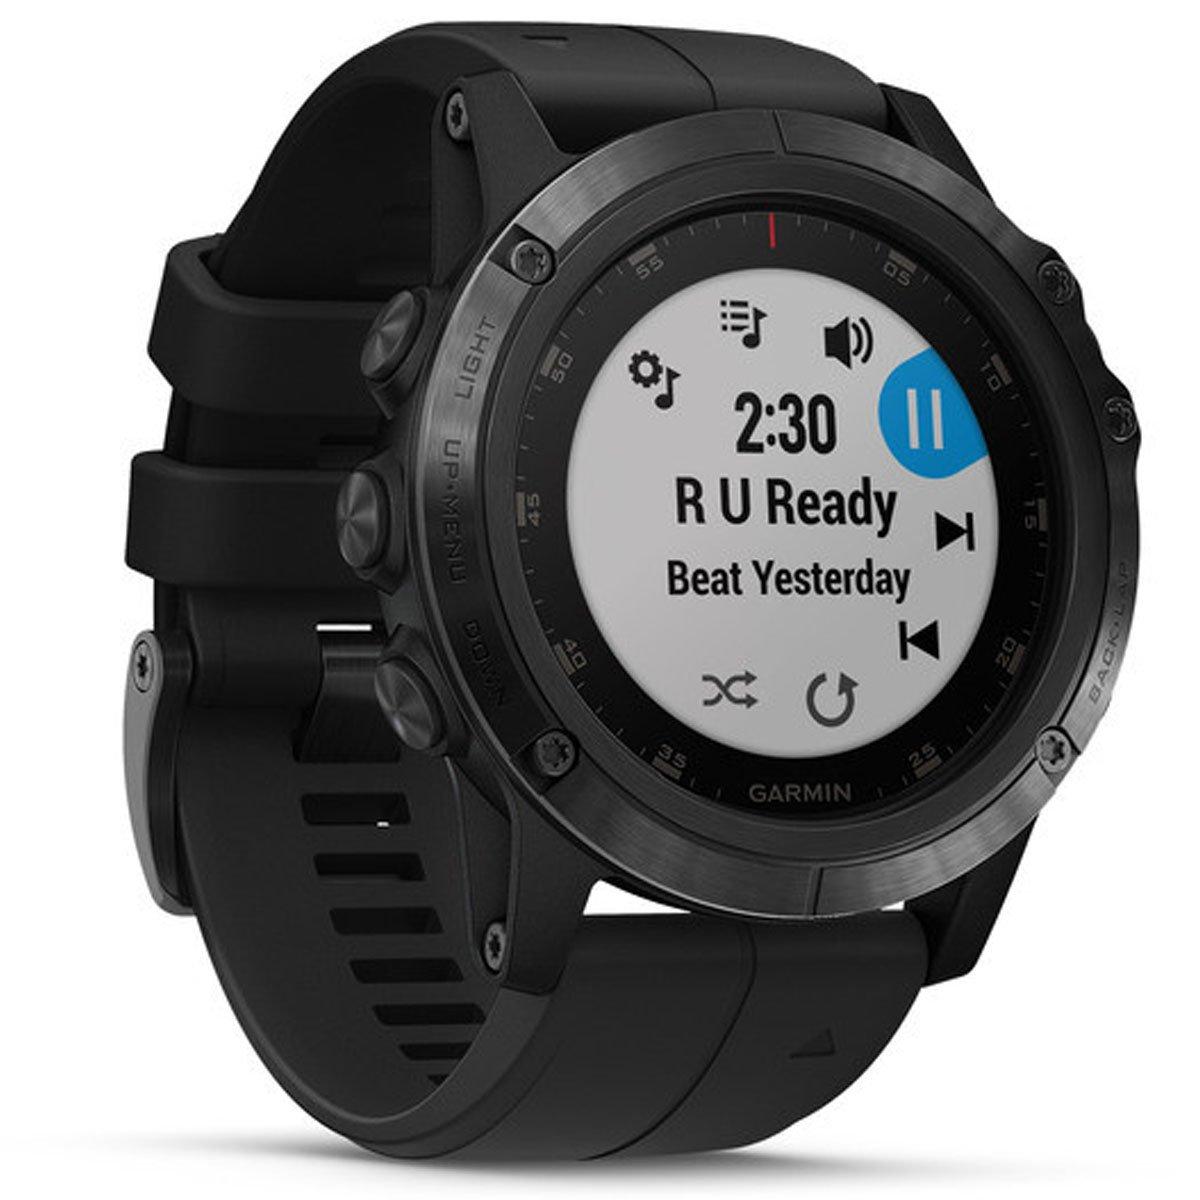 04303e64906 Relógio Multiesportivo Garmin Fenix 5X Plus Safira Preto com Monitor  Cardíaco no Pulso  Amazon.com.br  Eletrônicos